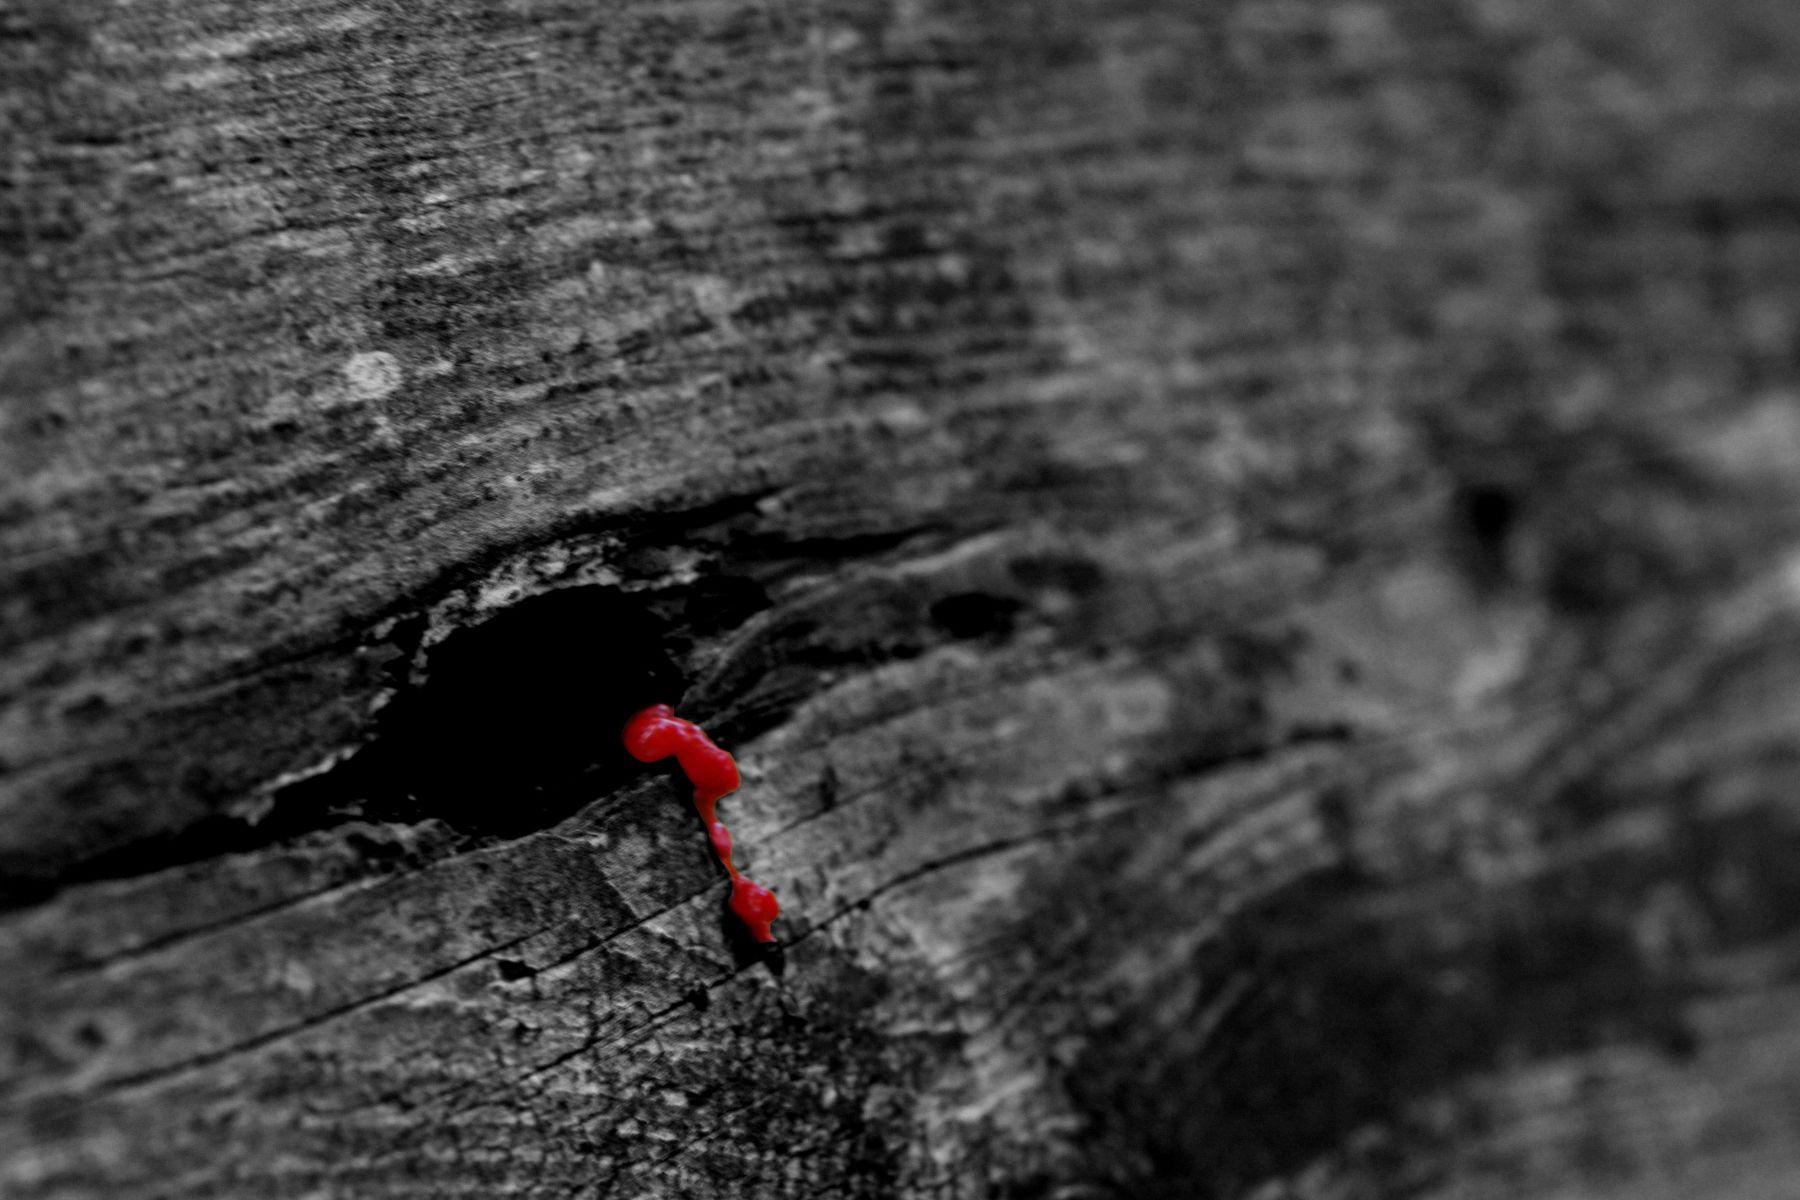 Dieses Loch in der Parkbank sieht auf der schwarz-weiß-Aufnahme mit Colorkey aus, als würde das Holz weinen